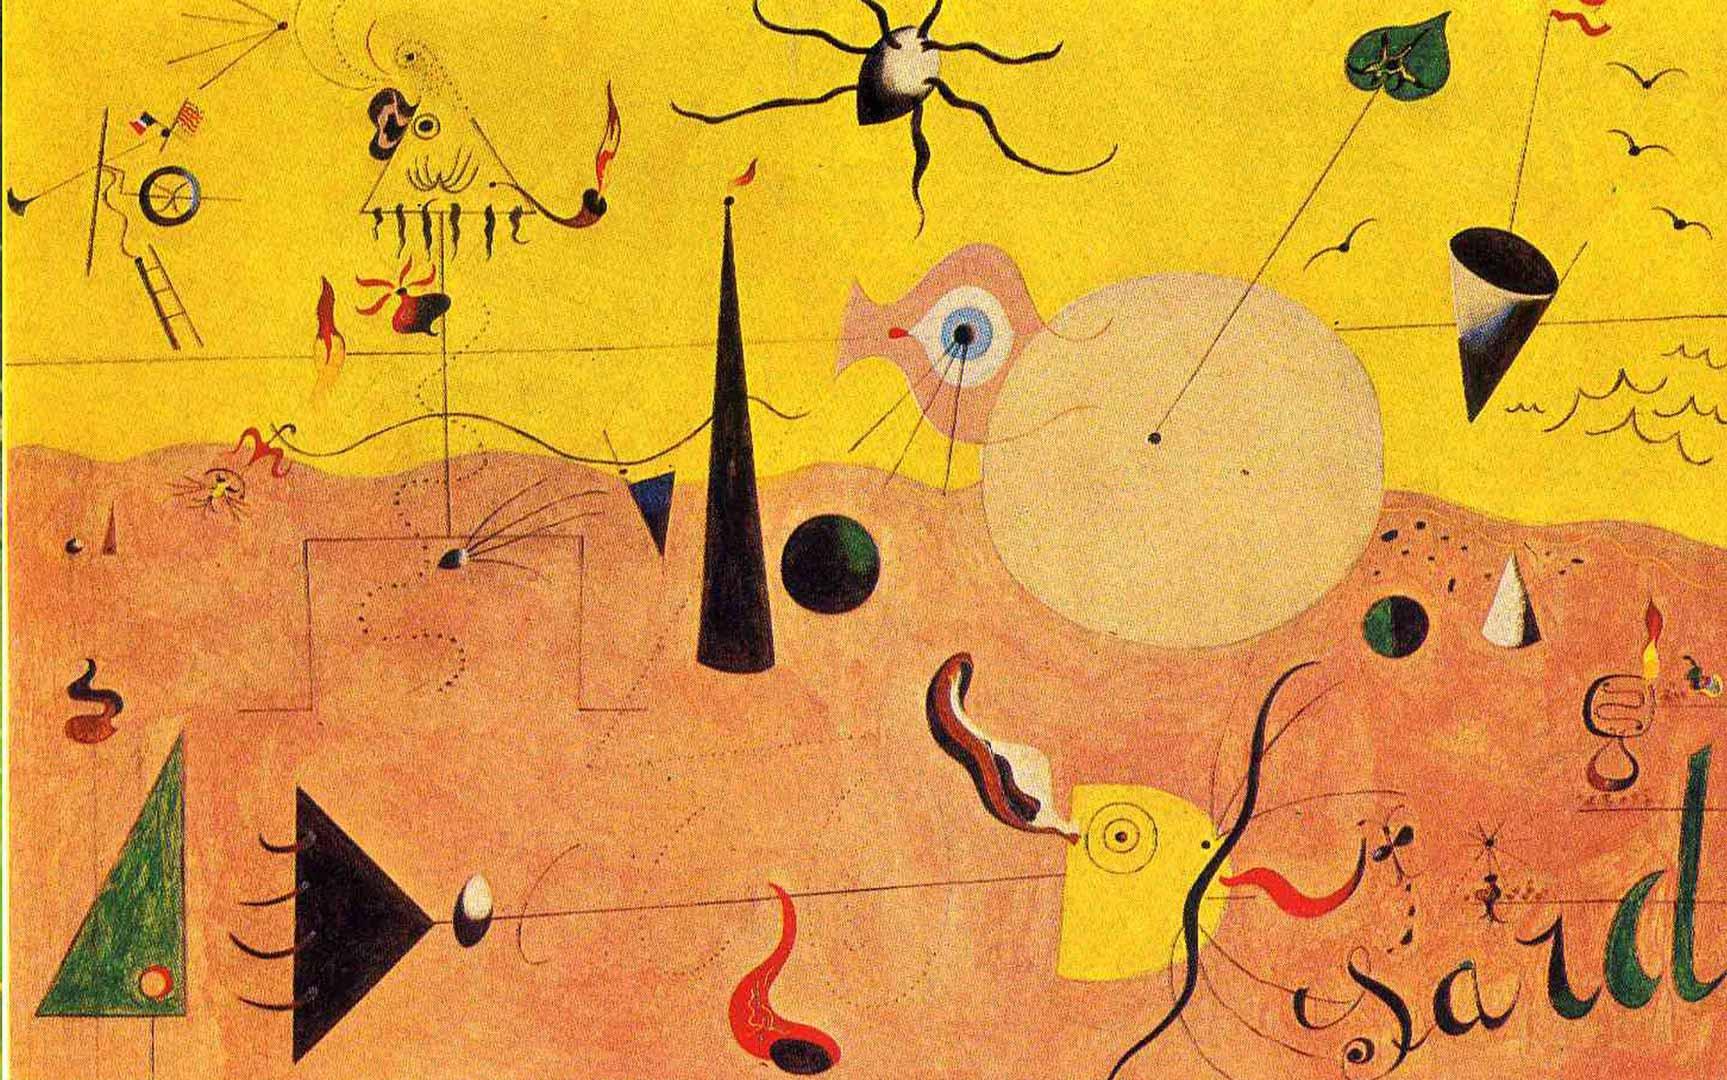 Paisaje Catalán o El cazador - Cuadro Surrealista pintado por Joan Miró en 1923 - Óleo sobre Lienzo 65 x 100 cm